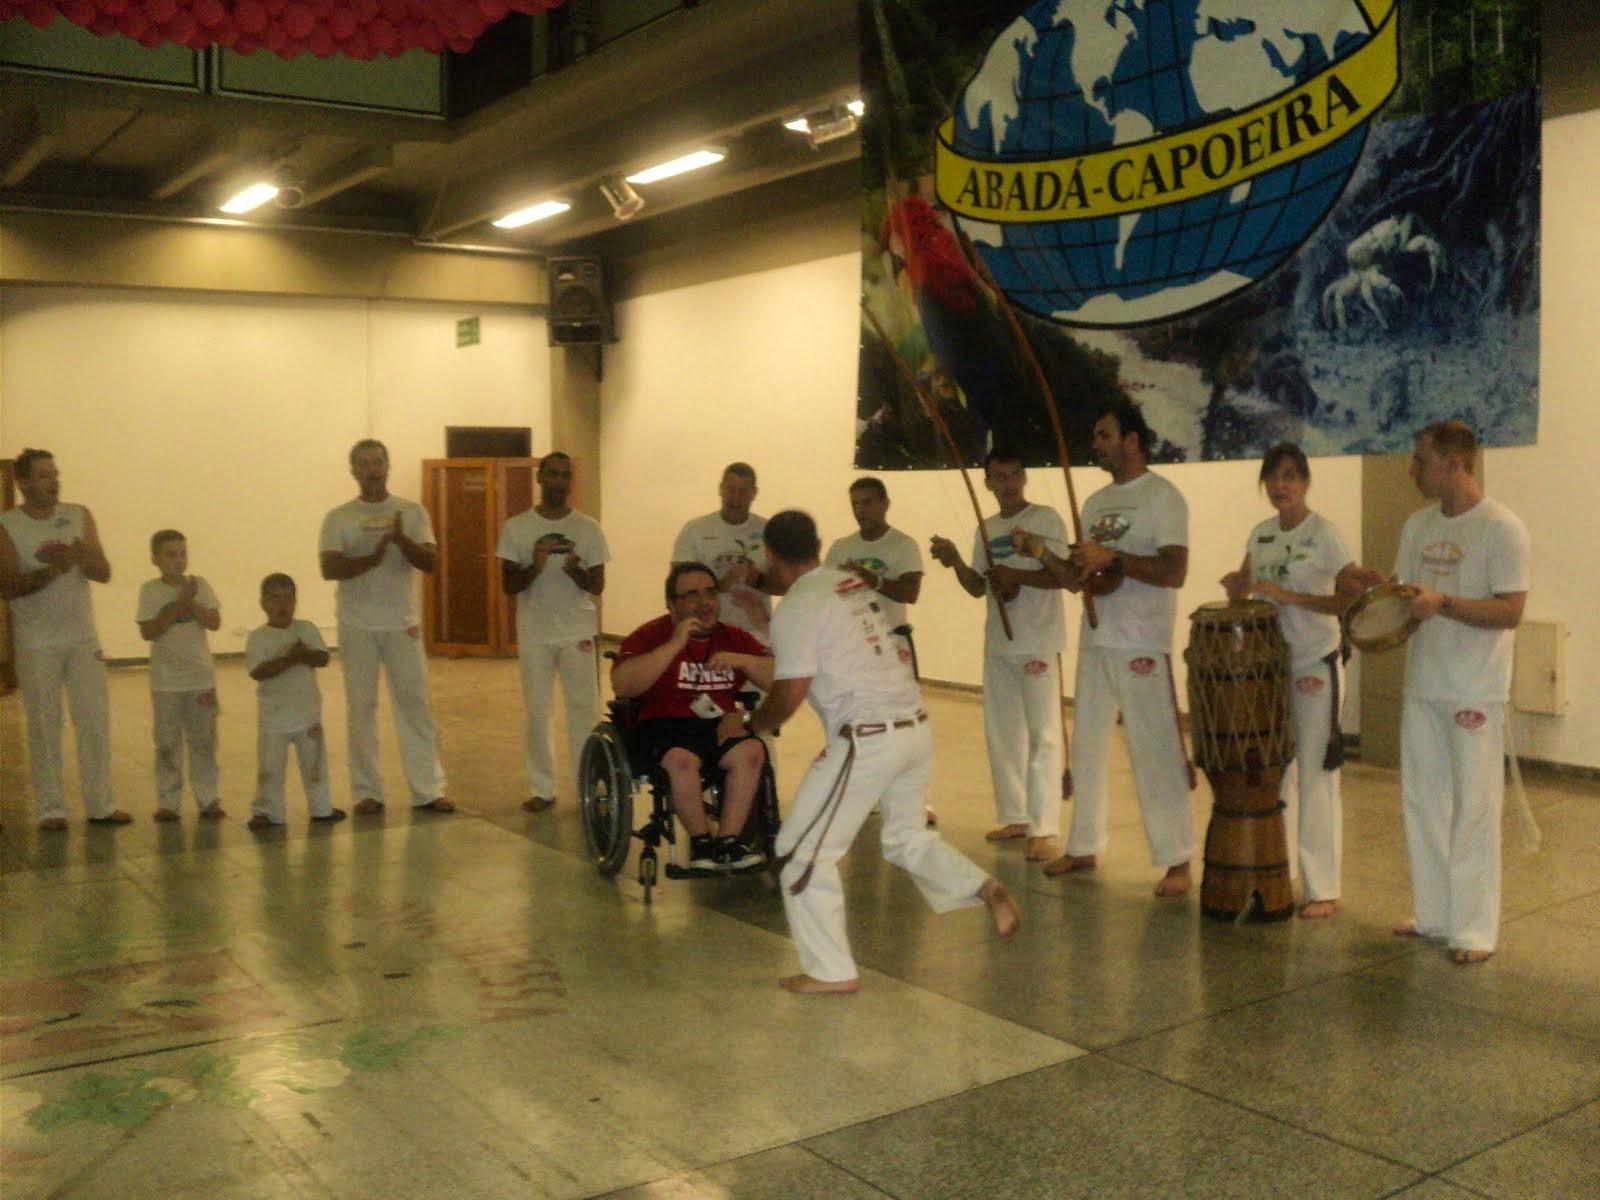 Capoeira Inclusiva - 2014